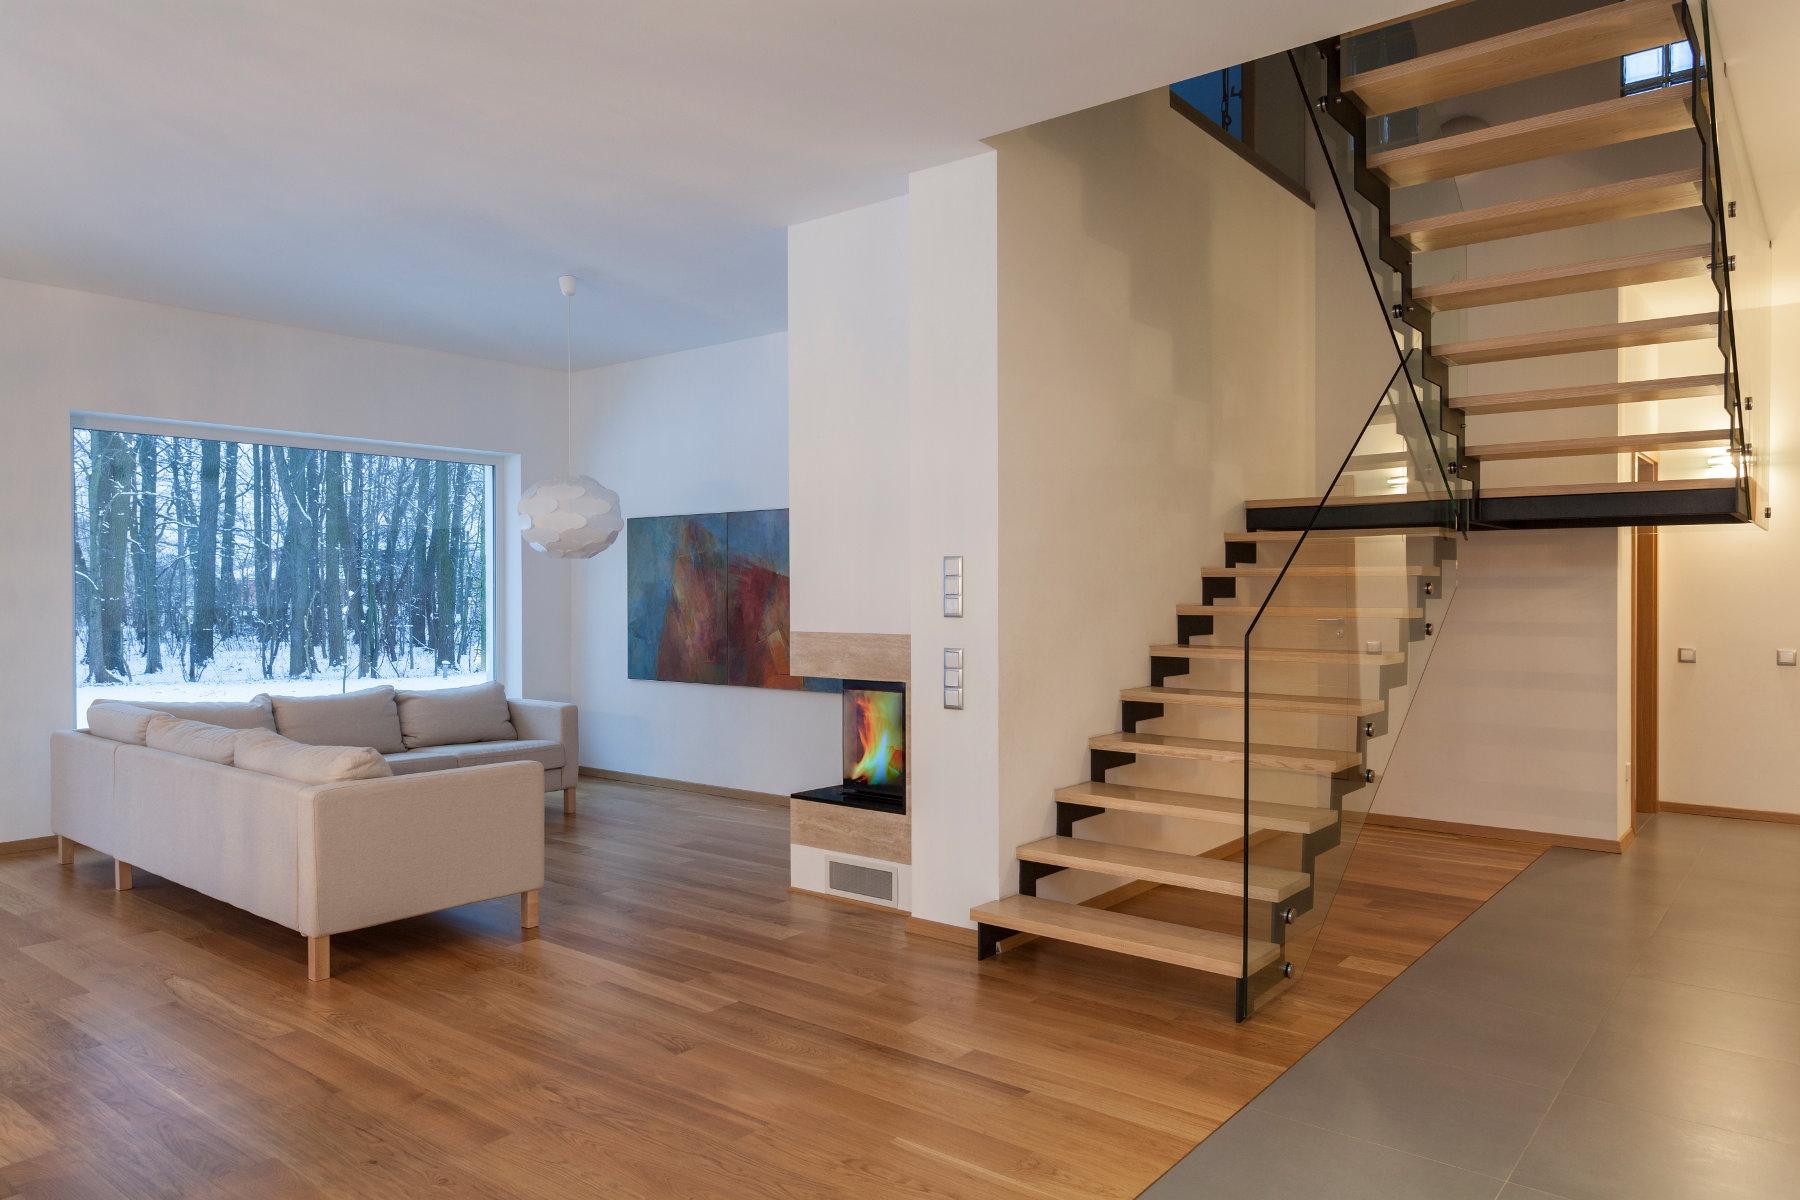 Cudowna Schody dębowe konstrukcja stalowa cena | Schody drewniane UW28